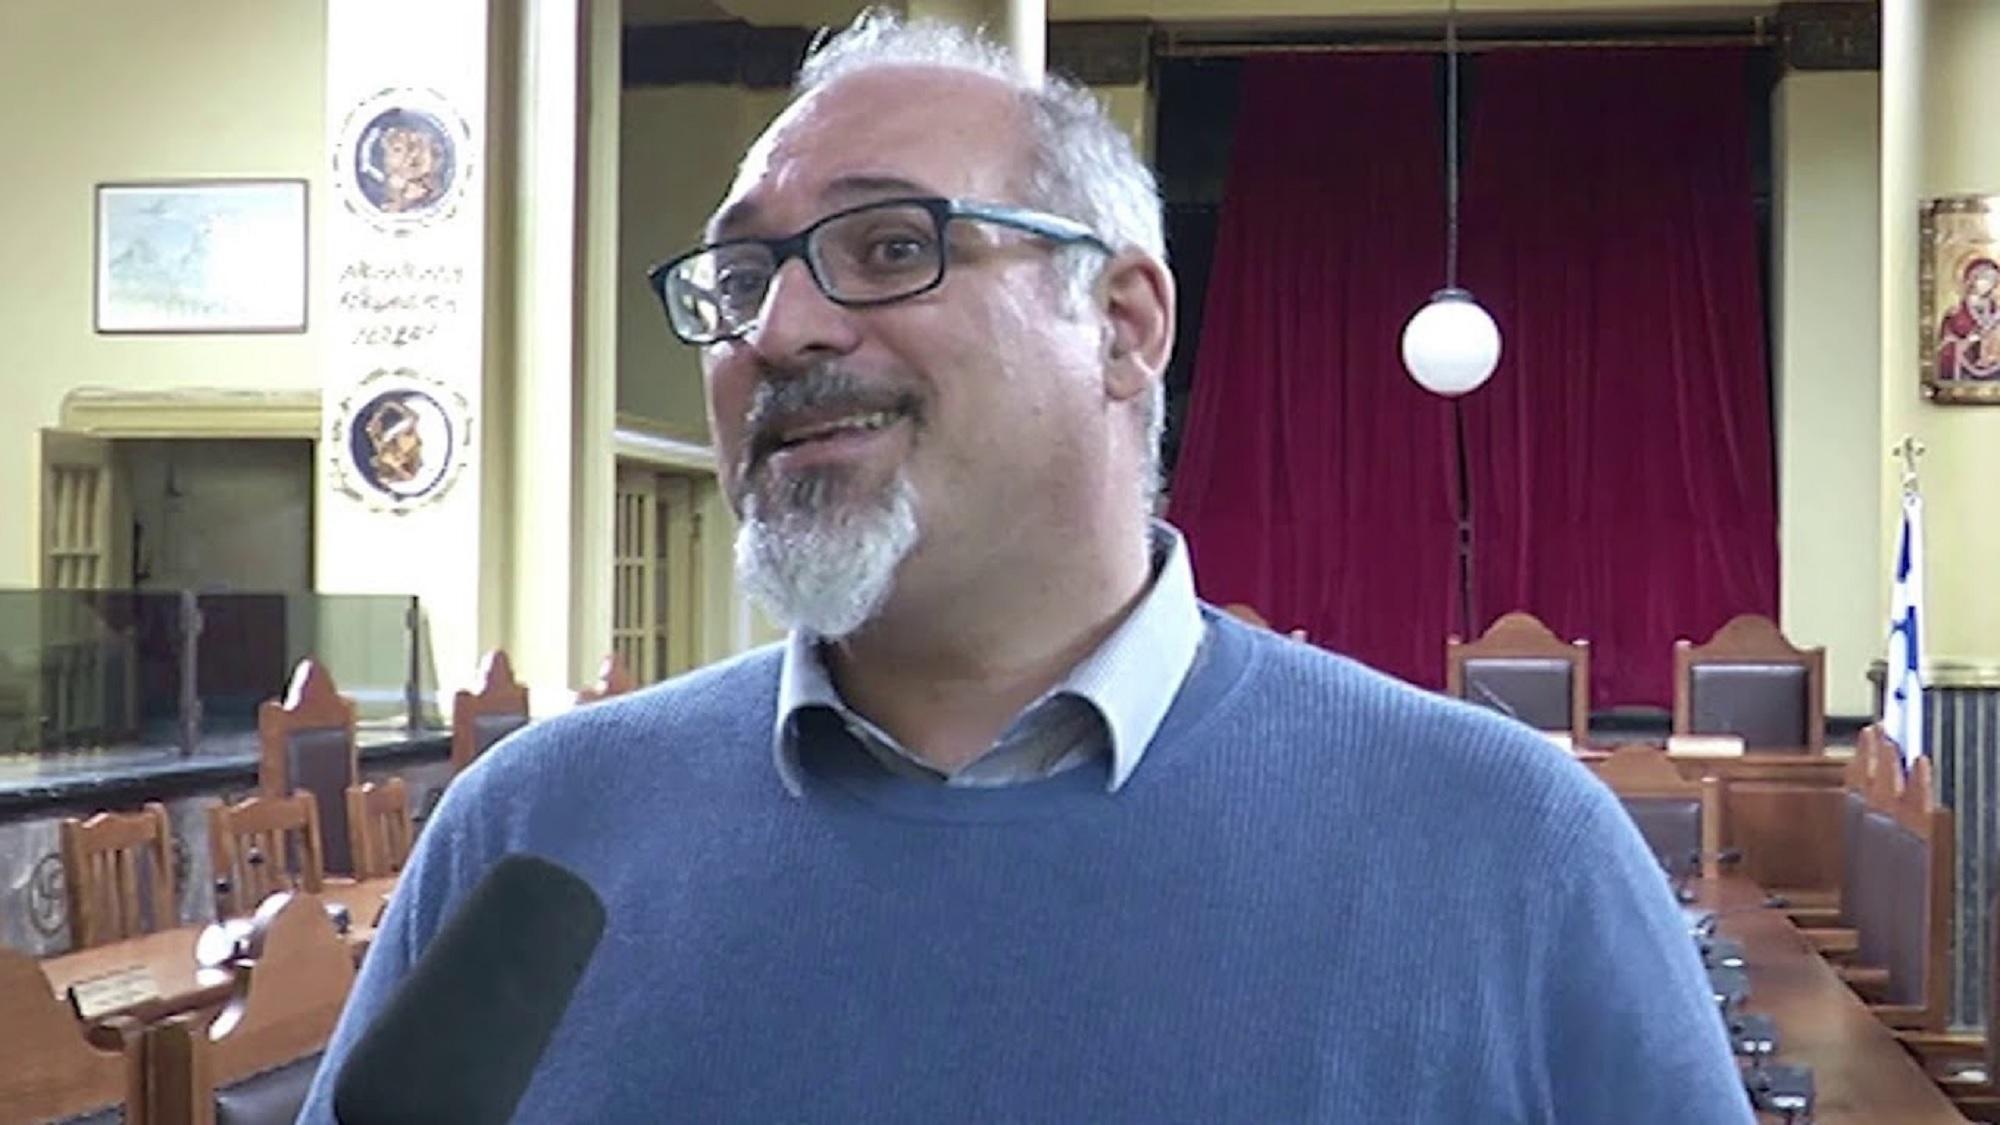 Ν. Θωμαΐδης στο Πρώτο: Δεν είναι ανασχέσιμα τα πράγματα, αναμένεται μεγάλη κορύφωση τον Αύγουστο (audio)